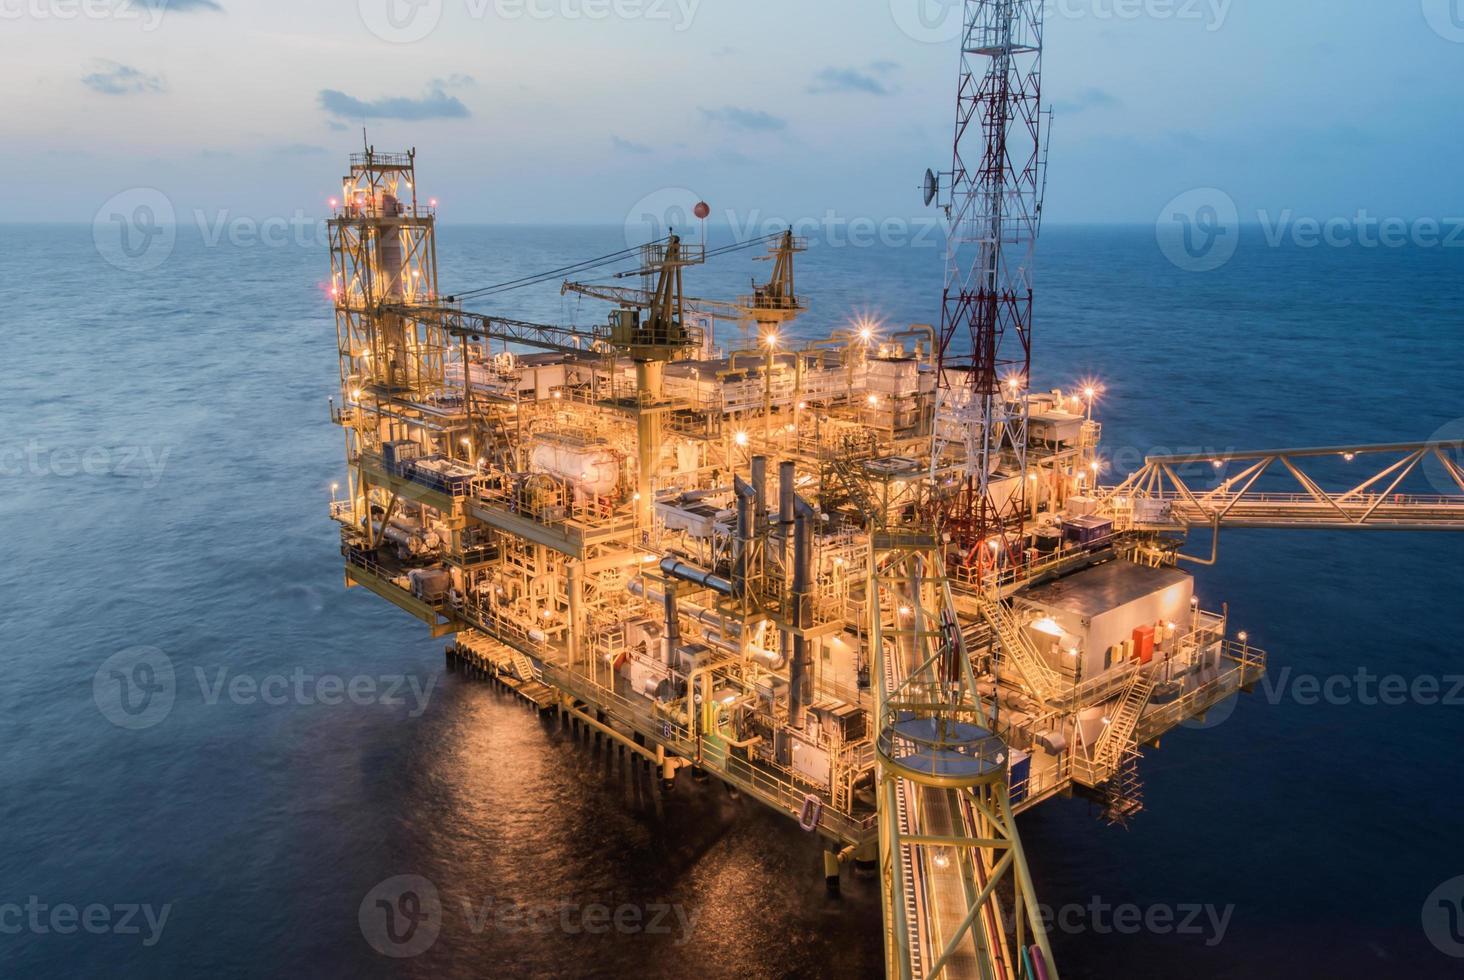 plate-forme de production de pétrole sur la mer photo